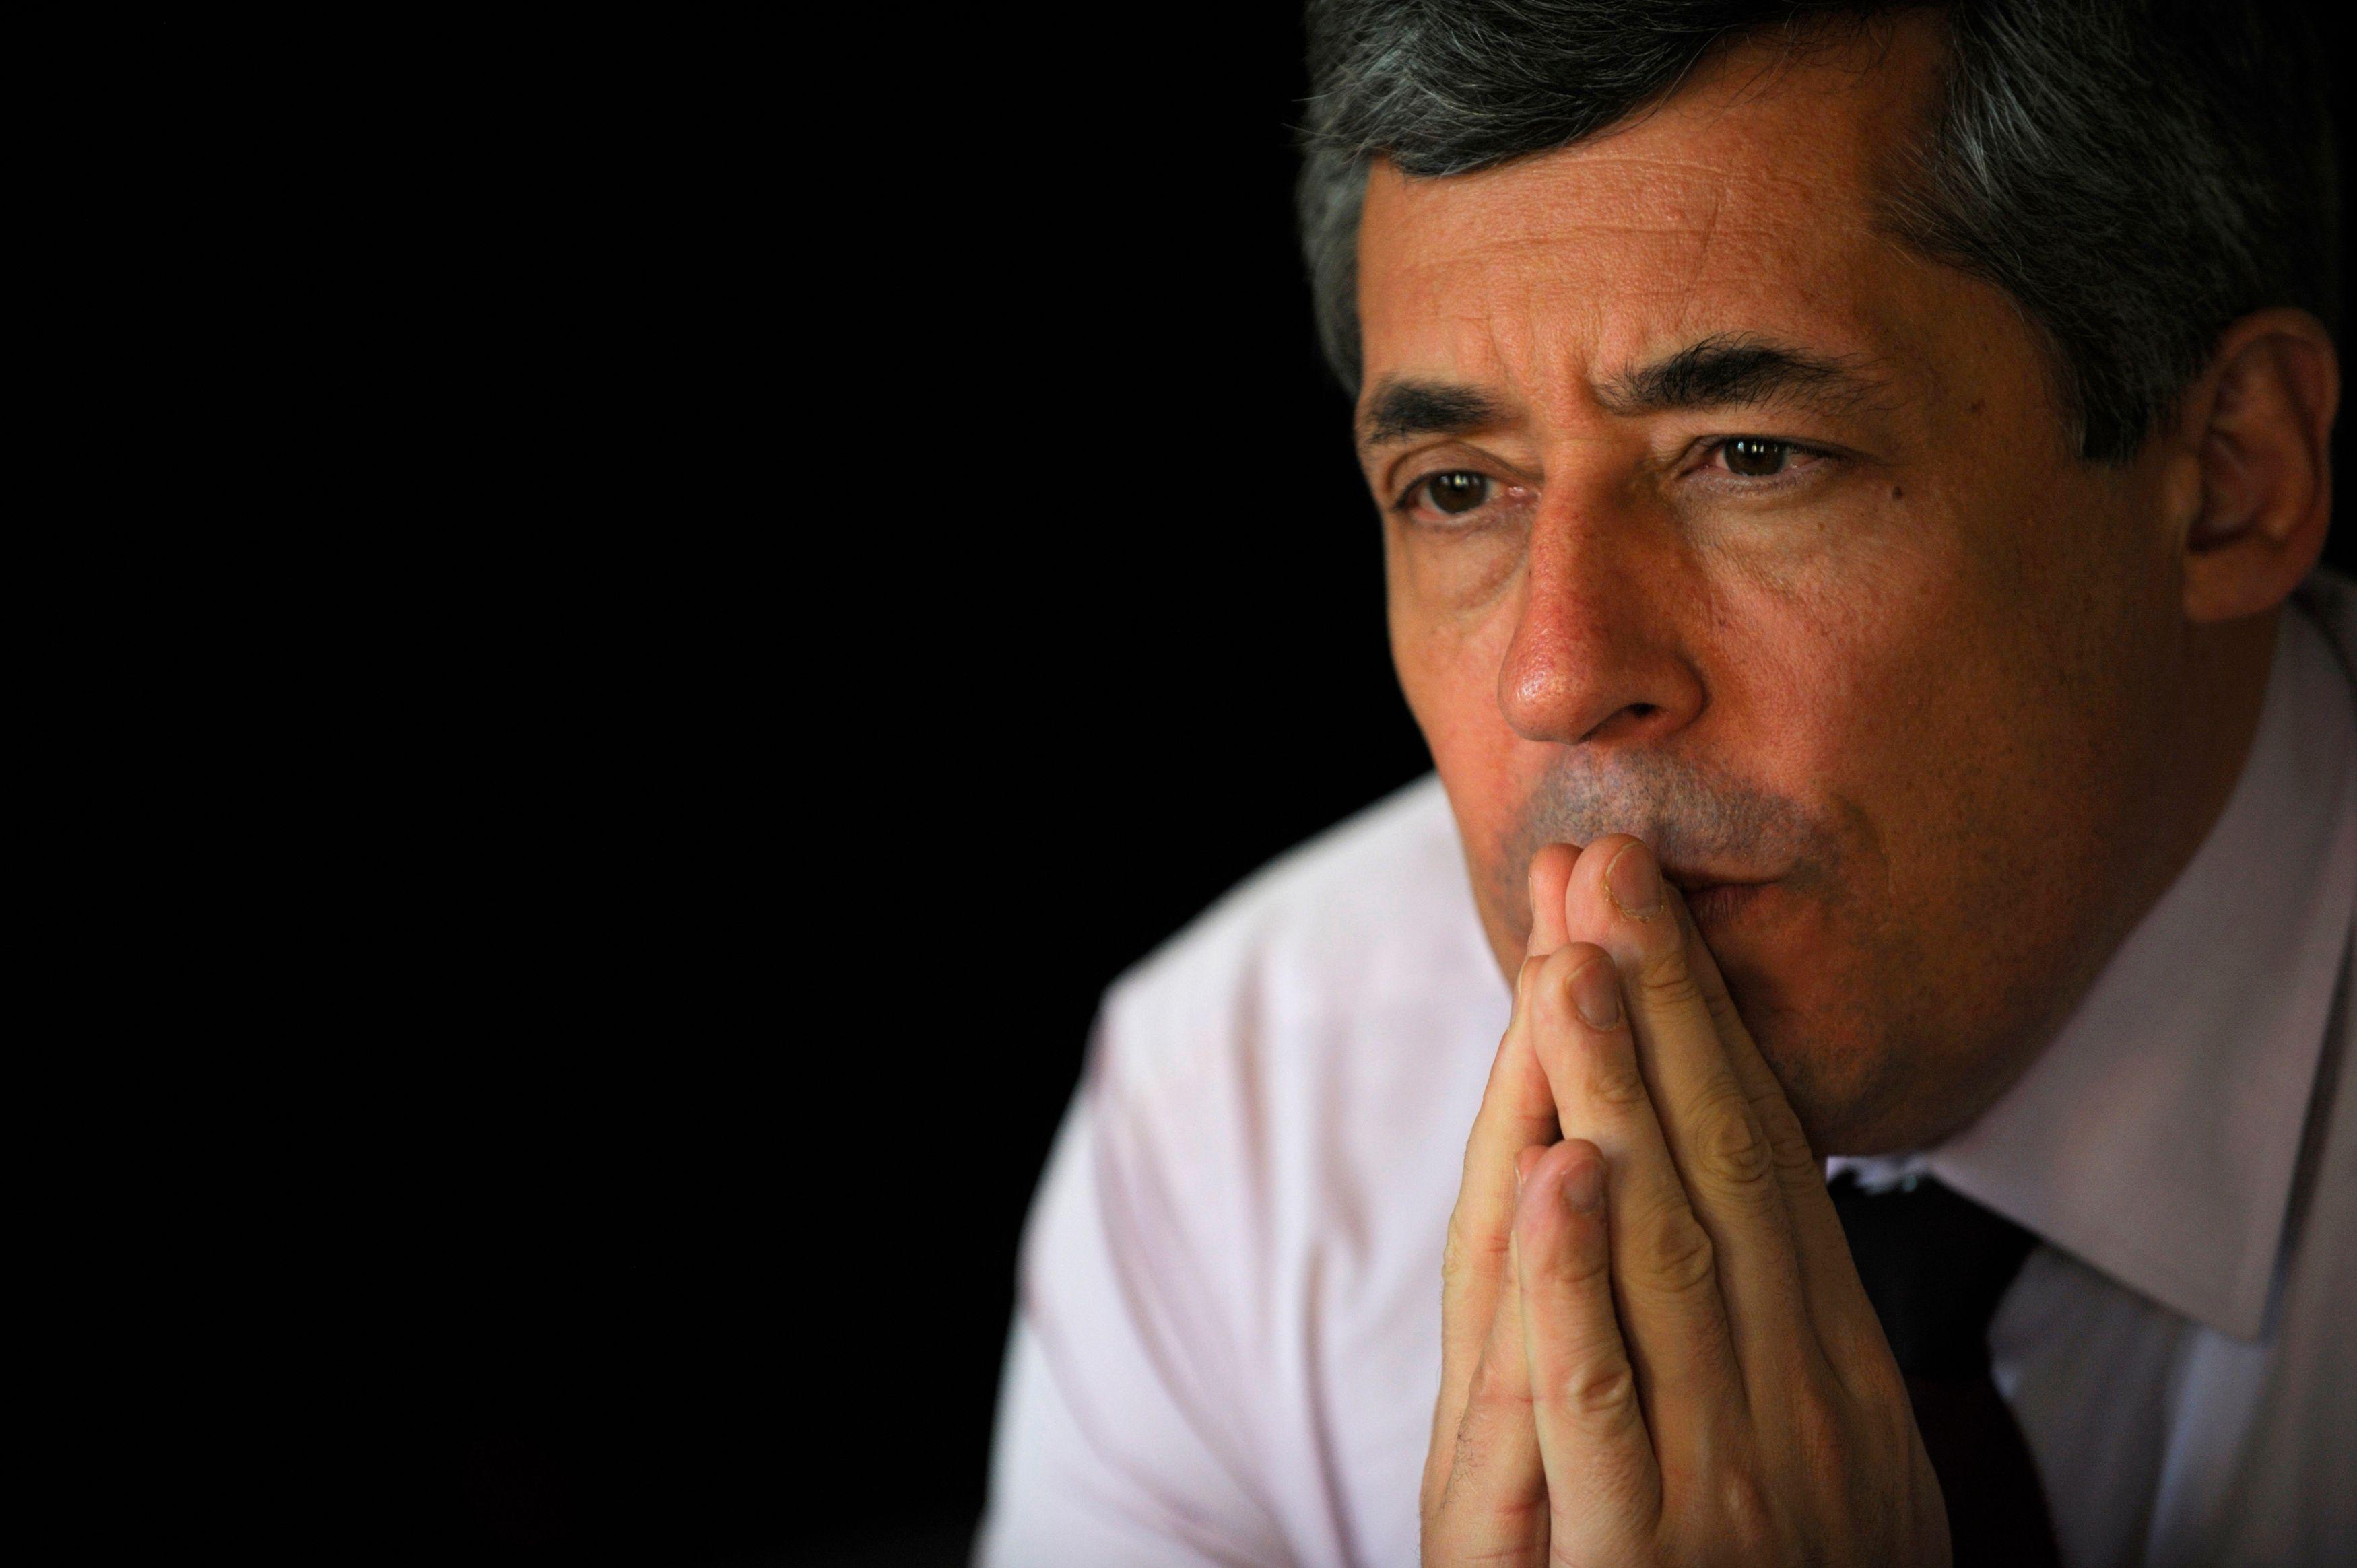 Henri Guaino estime que les grands partis peuvent mourir s'ils ne font pas de la politique autrement